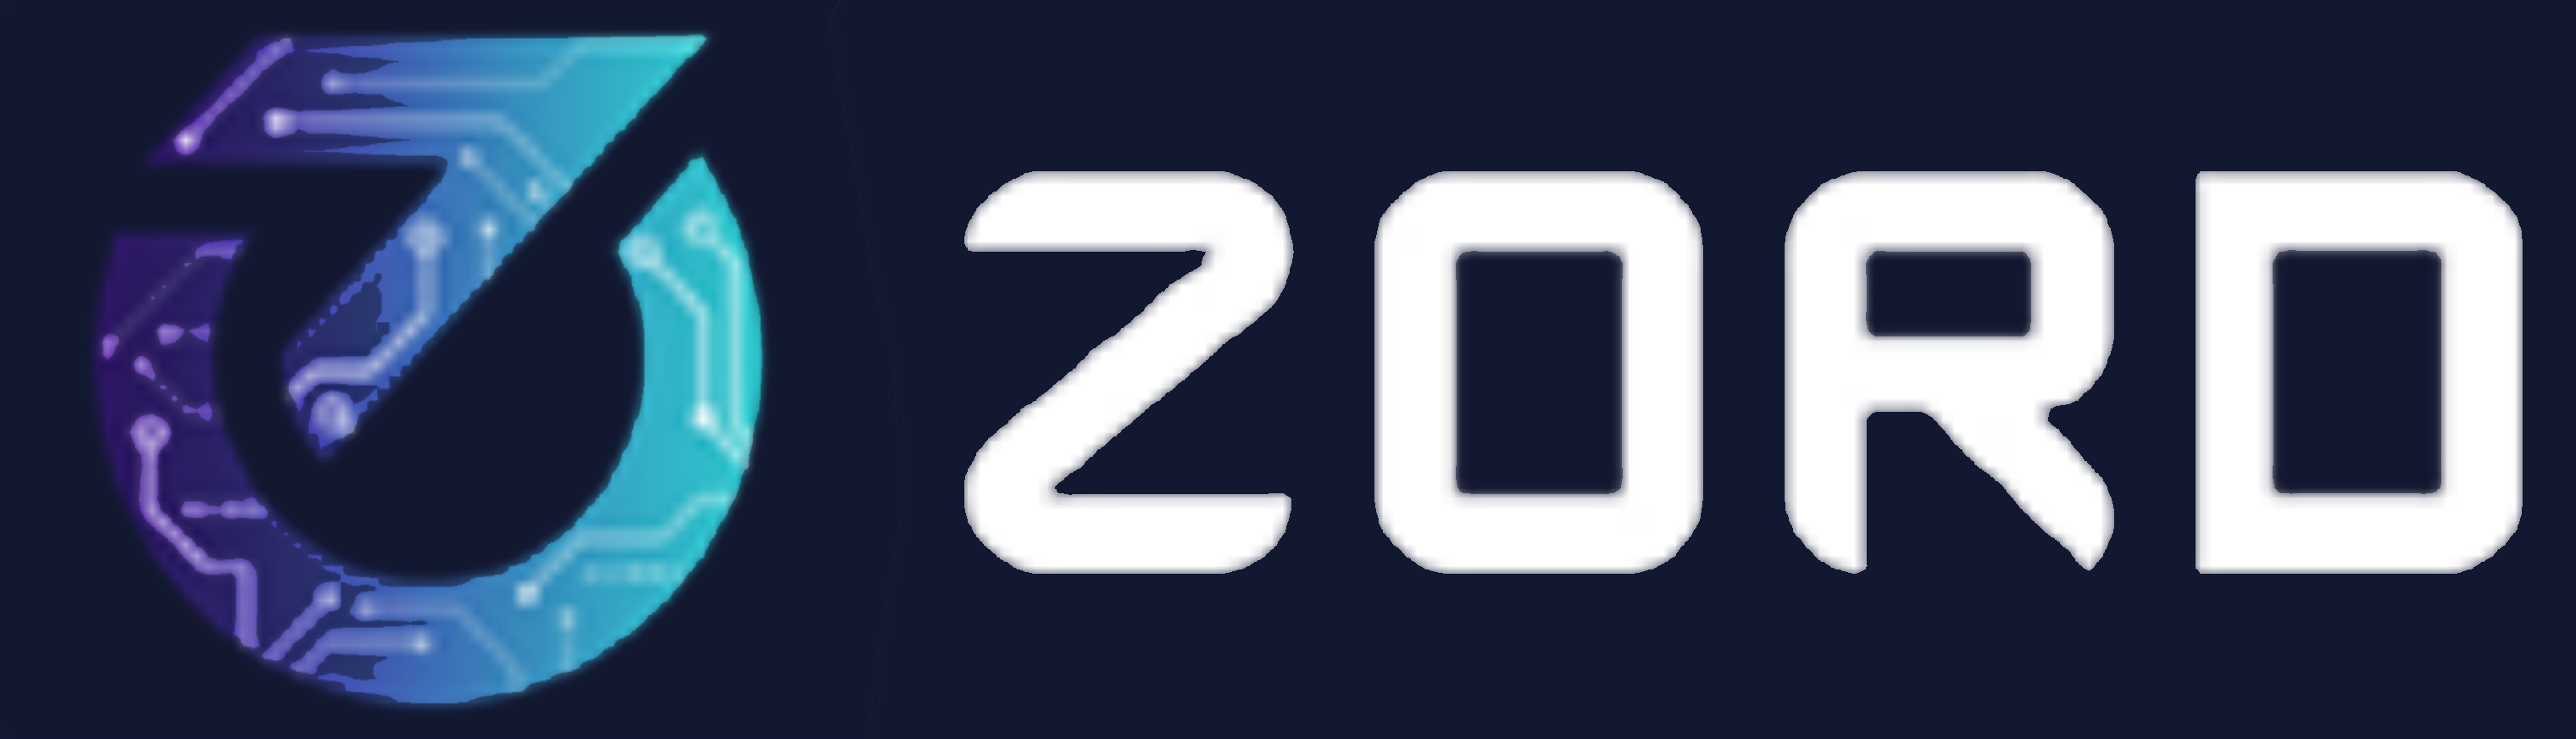 زورد   ZORD